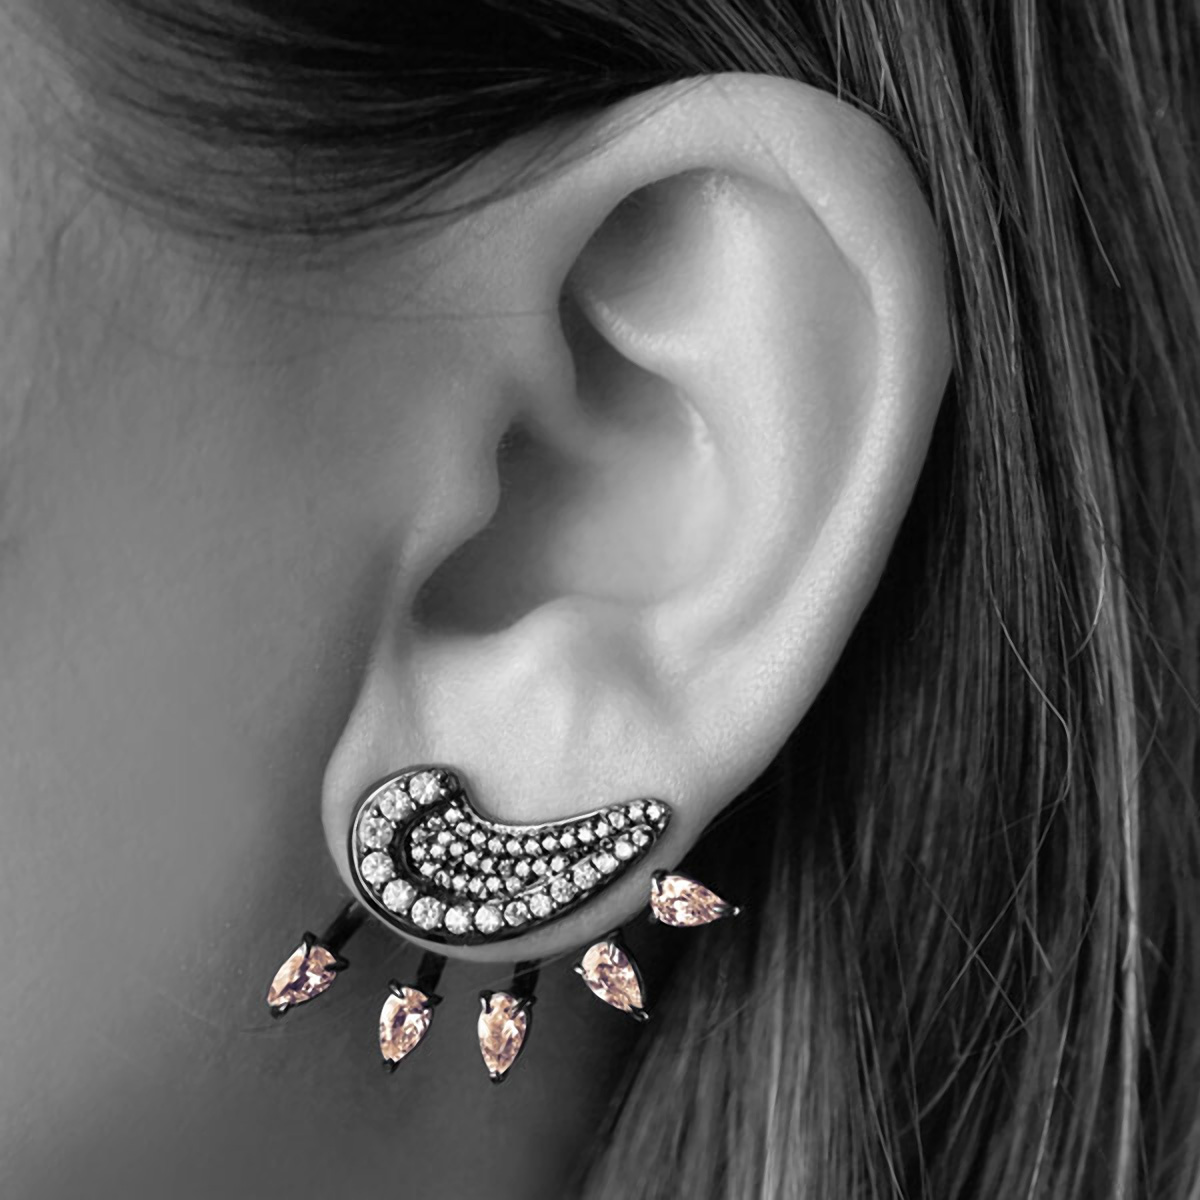 Brinco Ear Jacket Garra Semijoia em Ródio Negro com Micro Zircônia Branca e Cristal Rosa Safira  - SOLOYOU